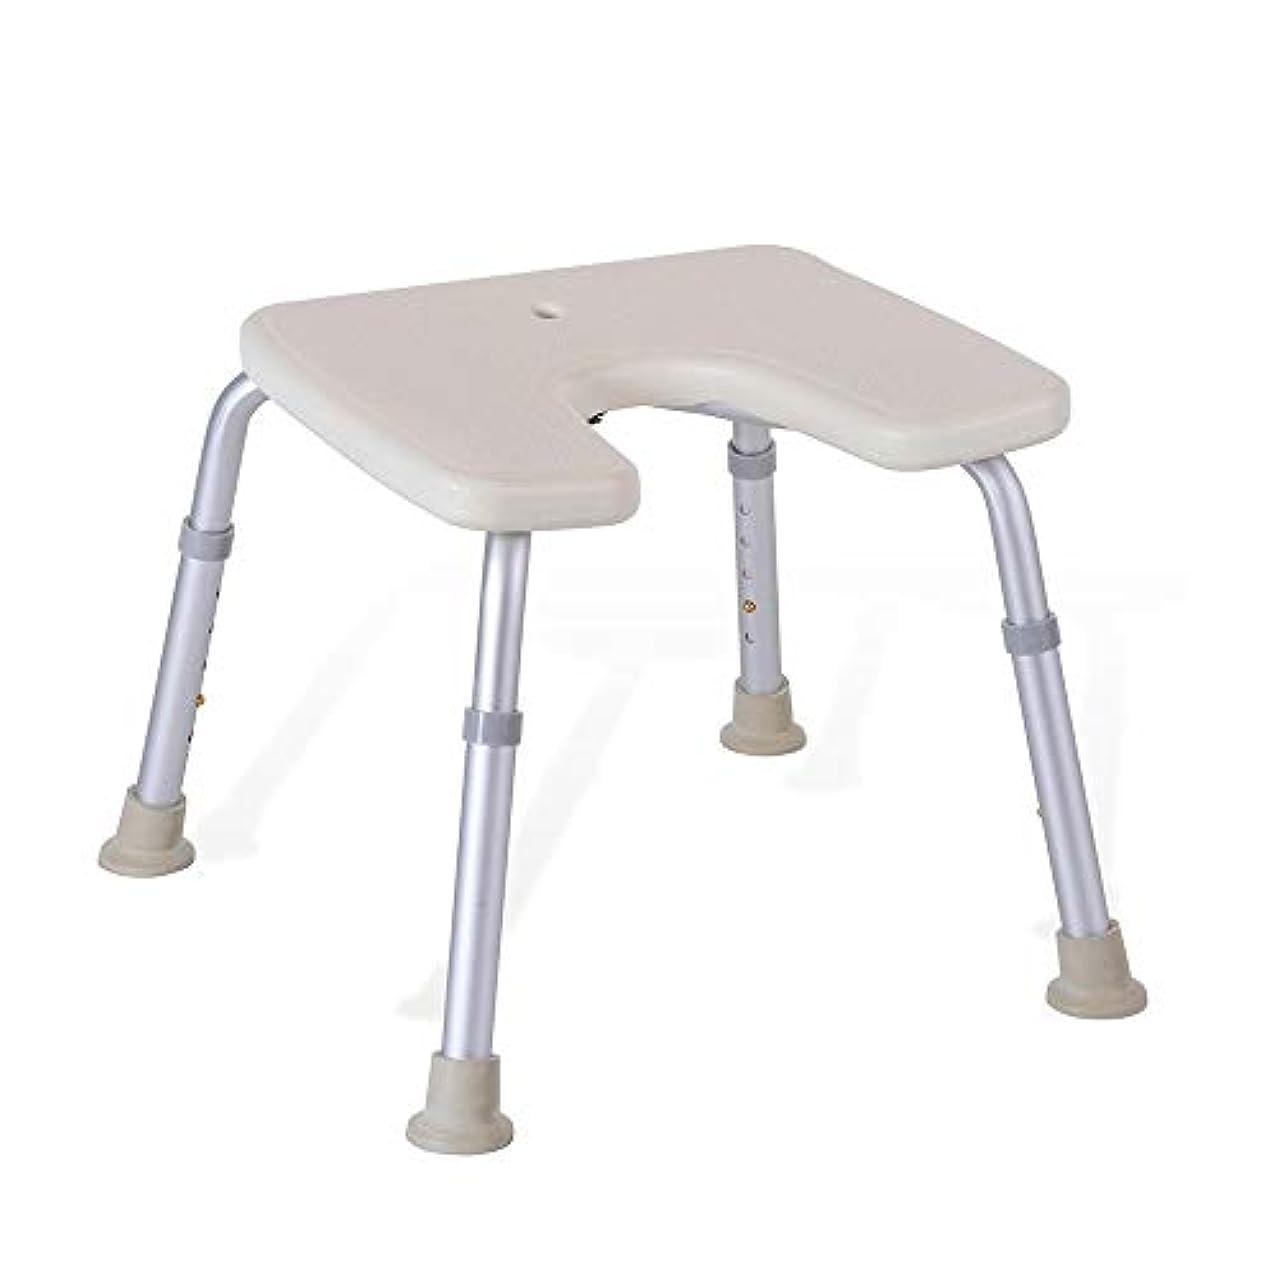 軽減土海外調節可能なU字型の高齢者用浴槽シート、バスチェア、保護パッド付きパッド、シャワースツール